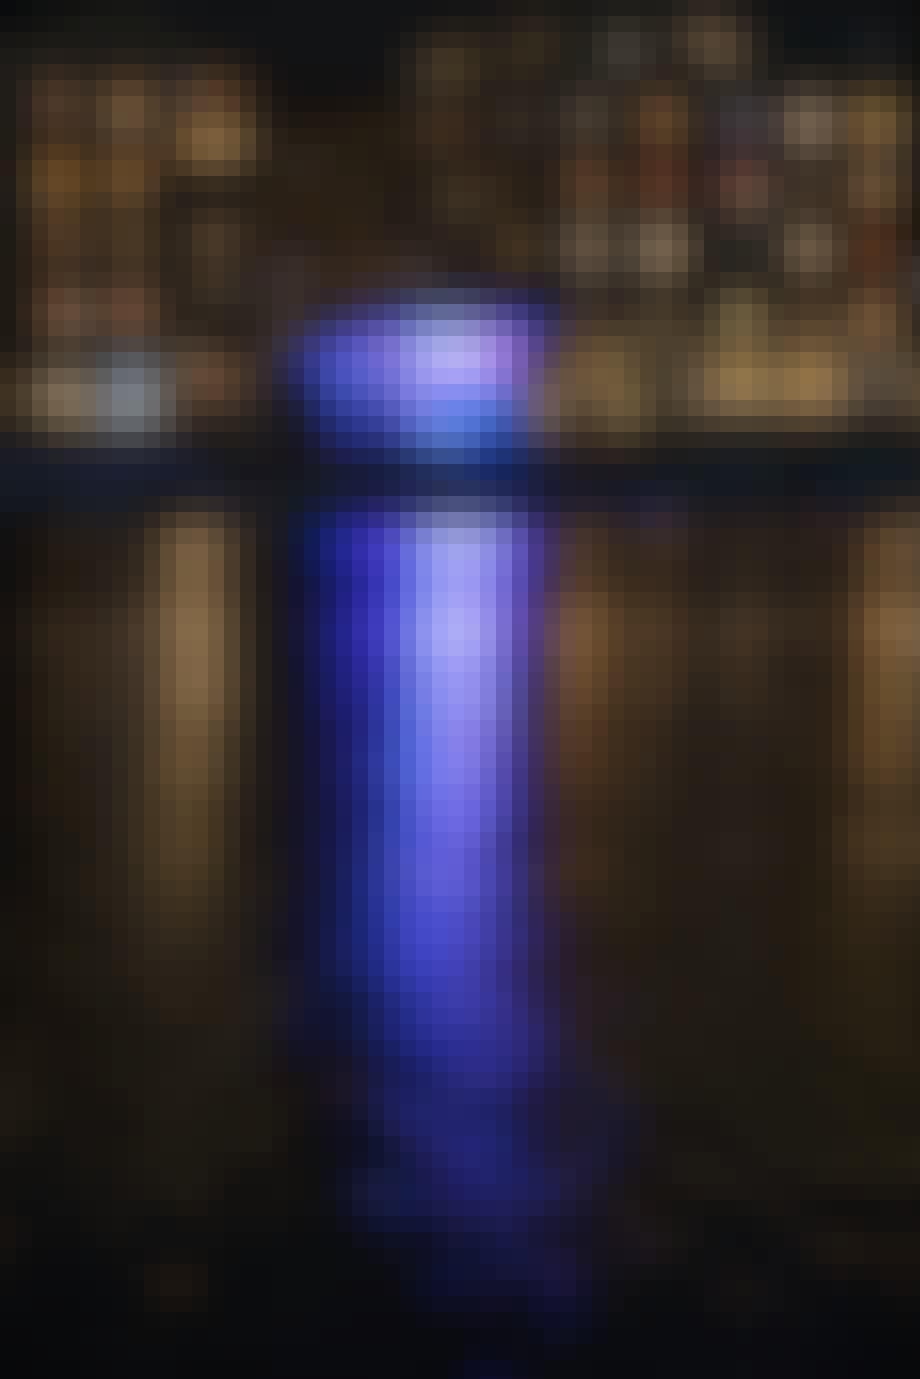 Nuets portal